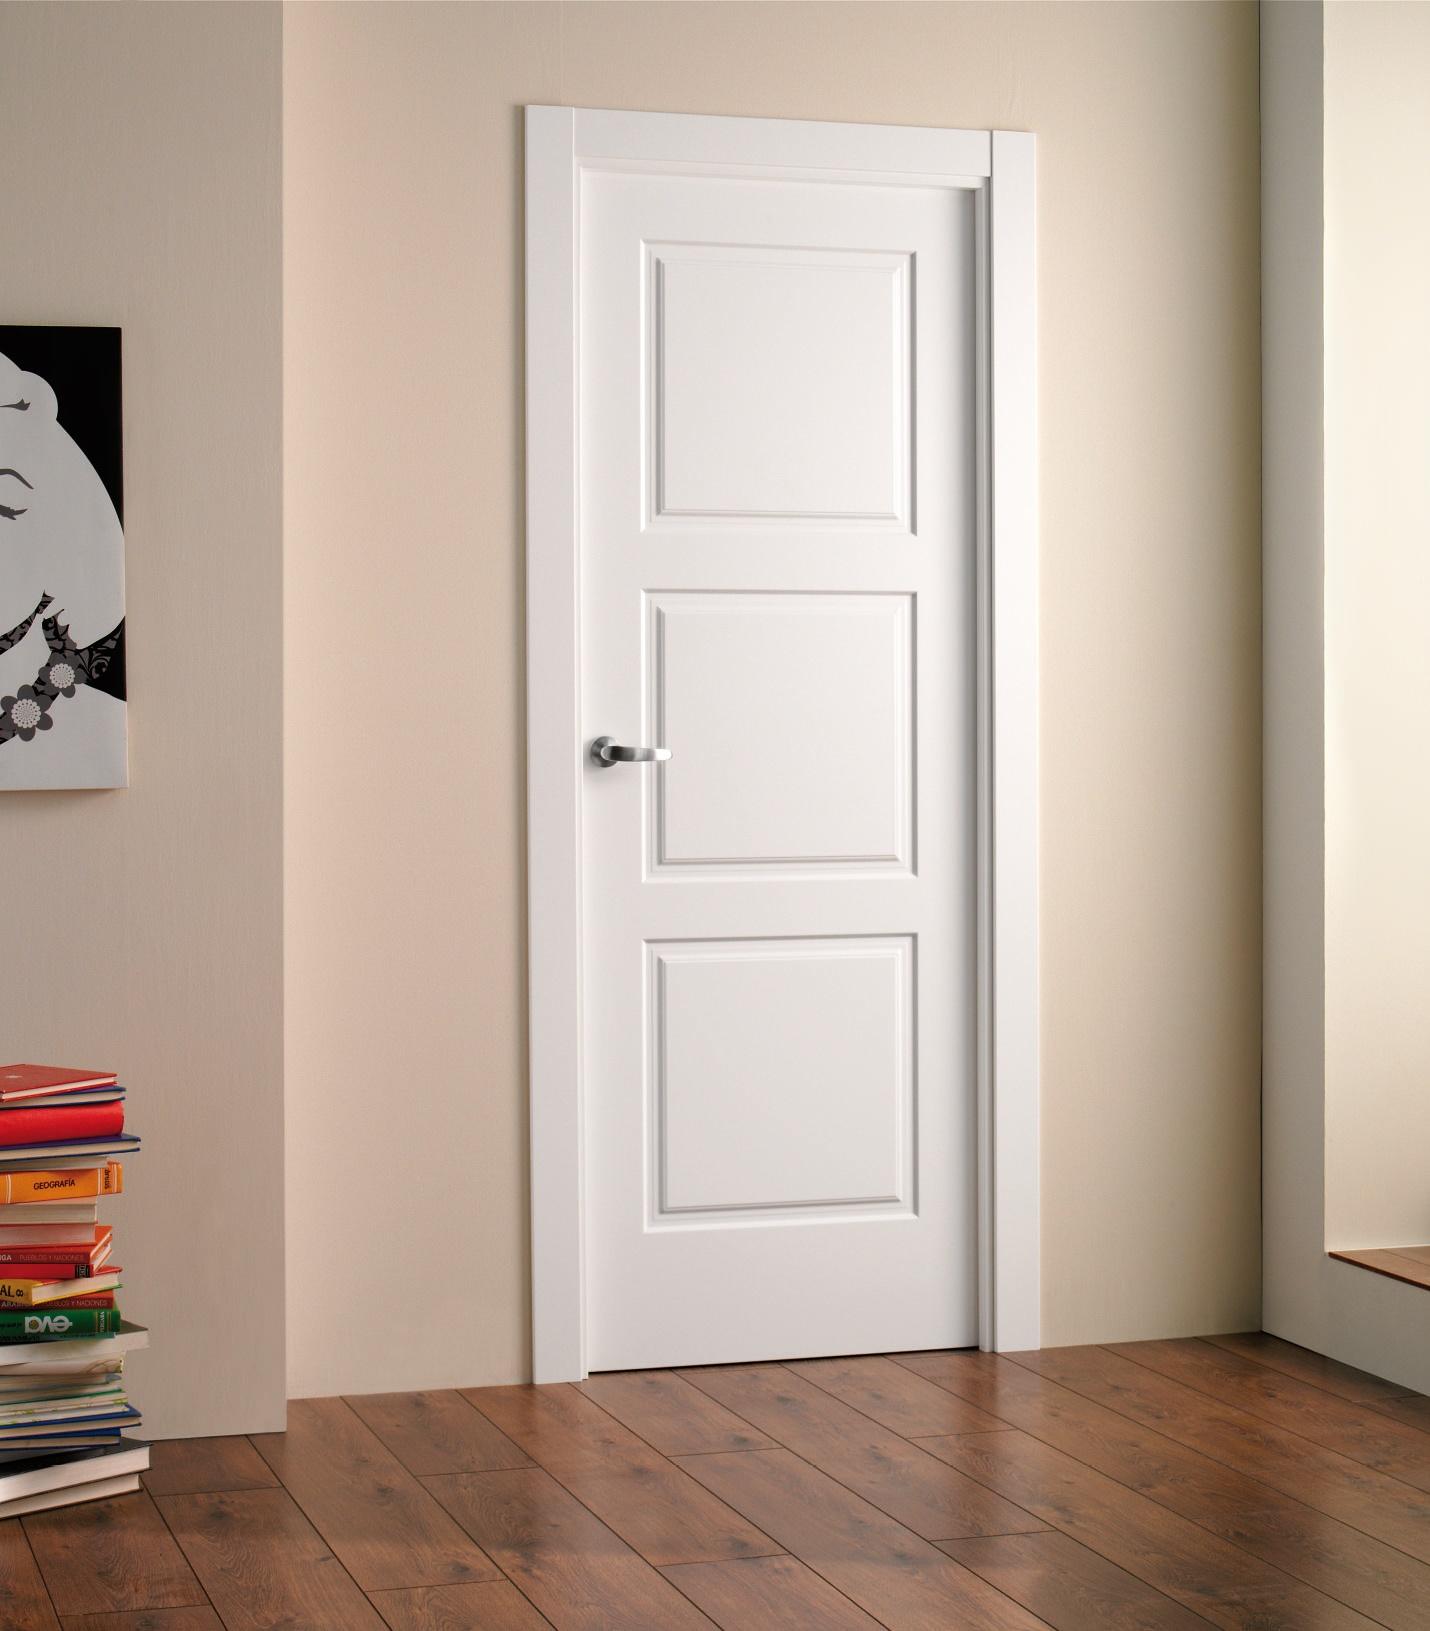 Cocinas gamiz cambiar las puertas interiores de la vivienda - Cambiar puertas cocina ...